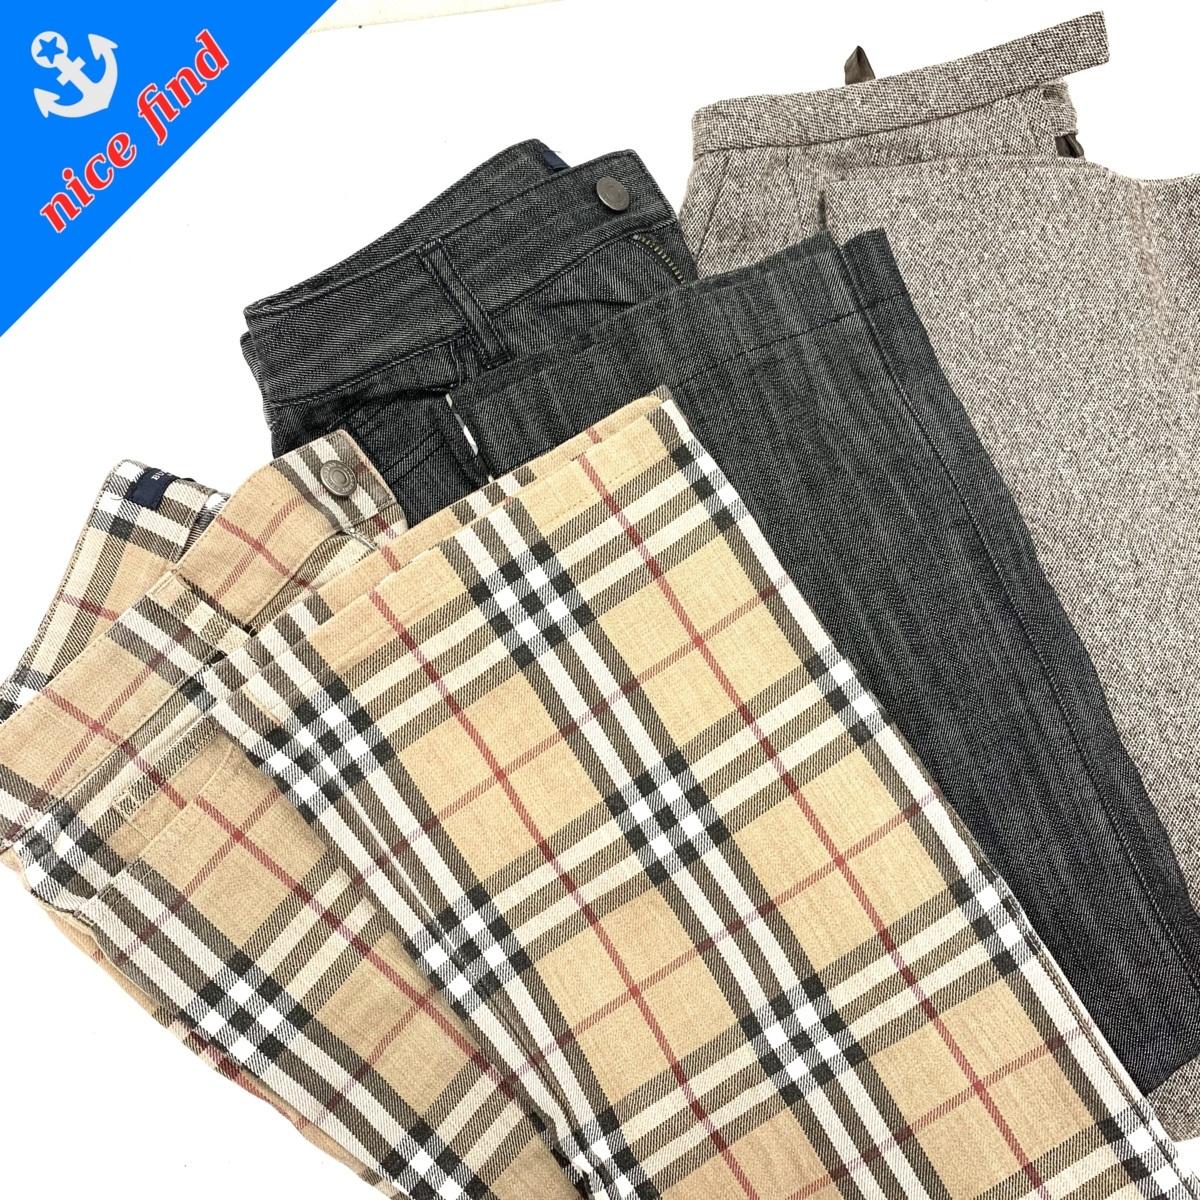 ◆ブランド婦人服まとめ売り3着セット◆バーバリー ロンドン レリアン チェック パンツ デニム ジーパン ワイド ズボン ストレート